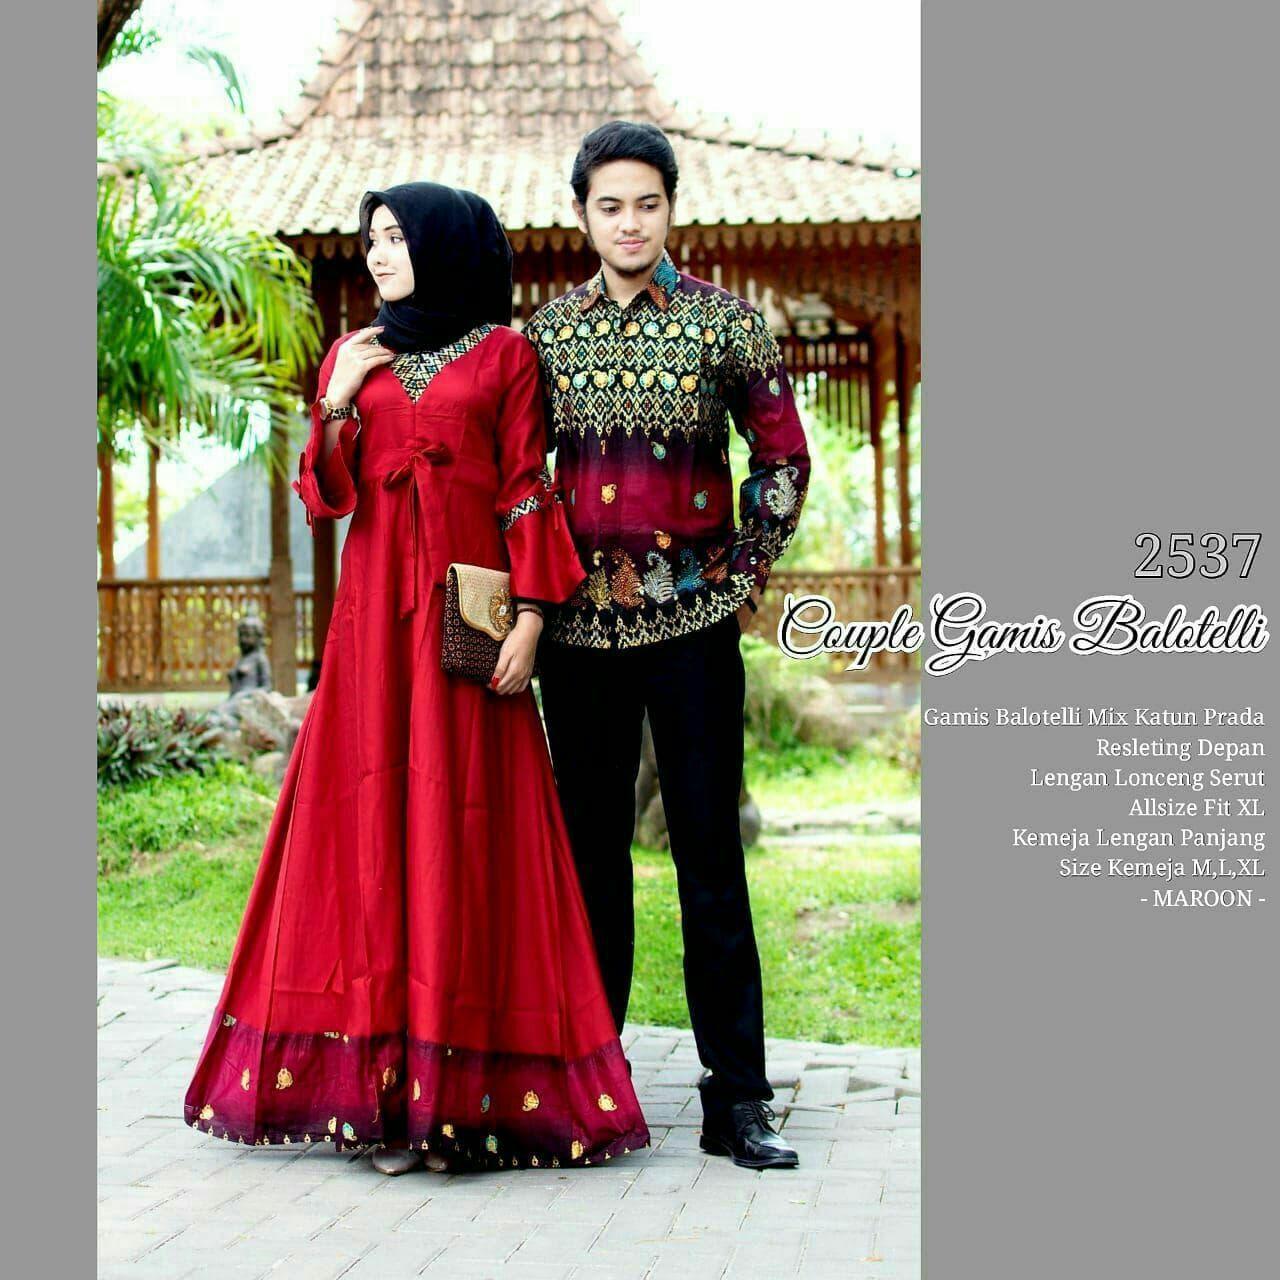 Download Gambar Desain Baju Batik Untuk Remaja   Desaprojek